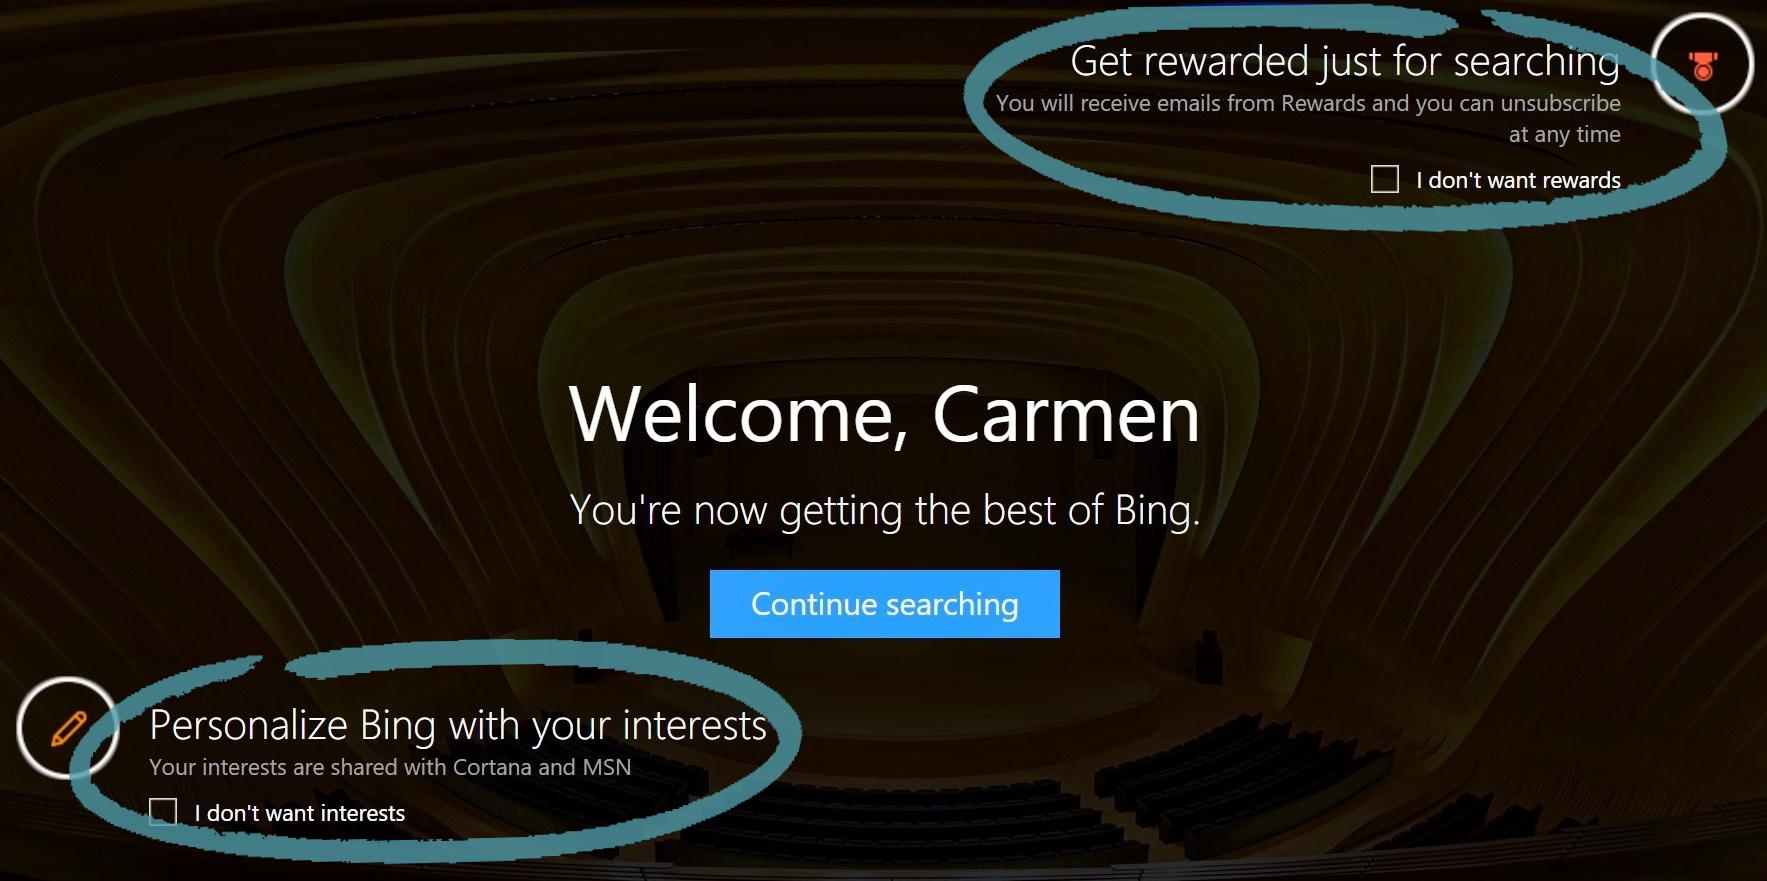 보너스 및 관심 분야가 선택된 Bing 홈페이지